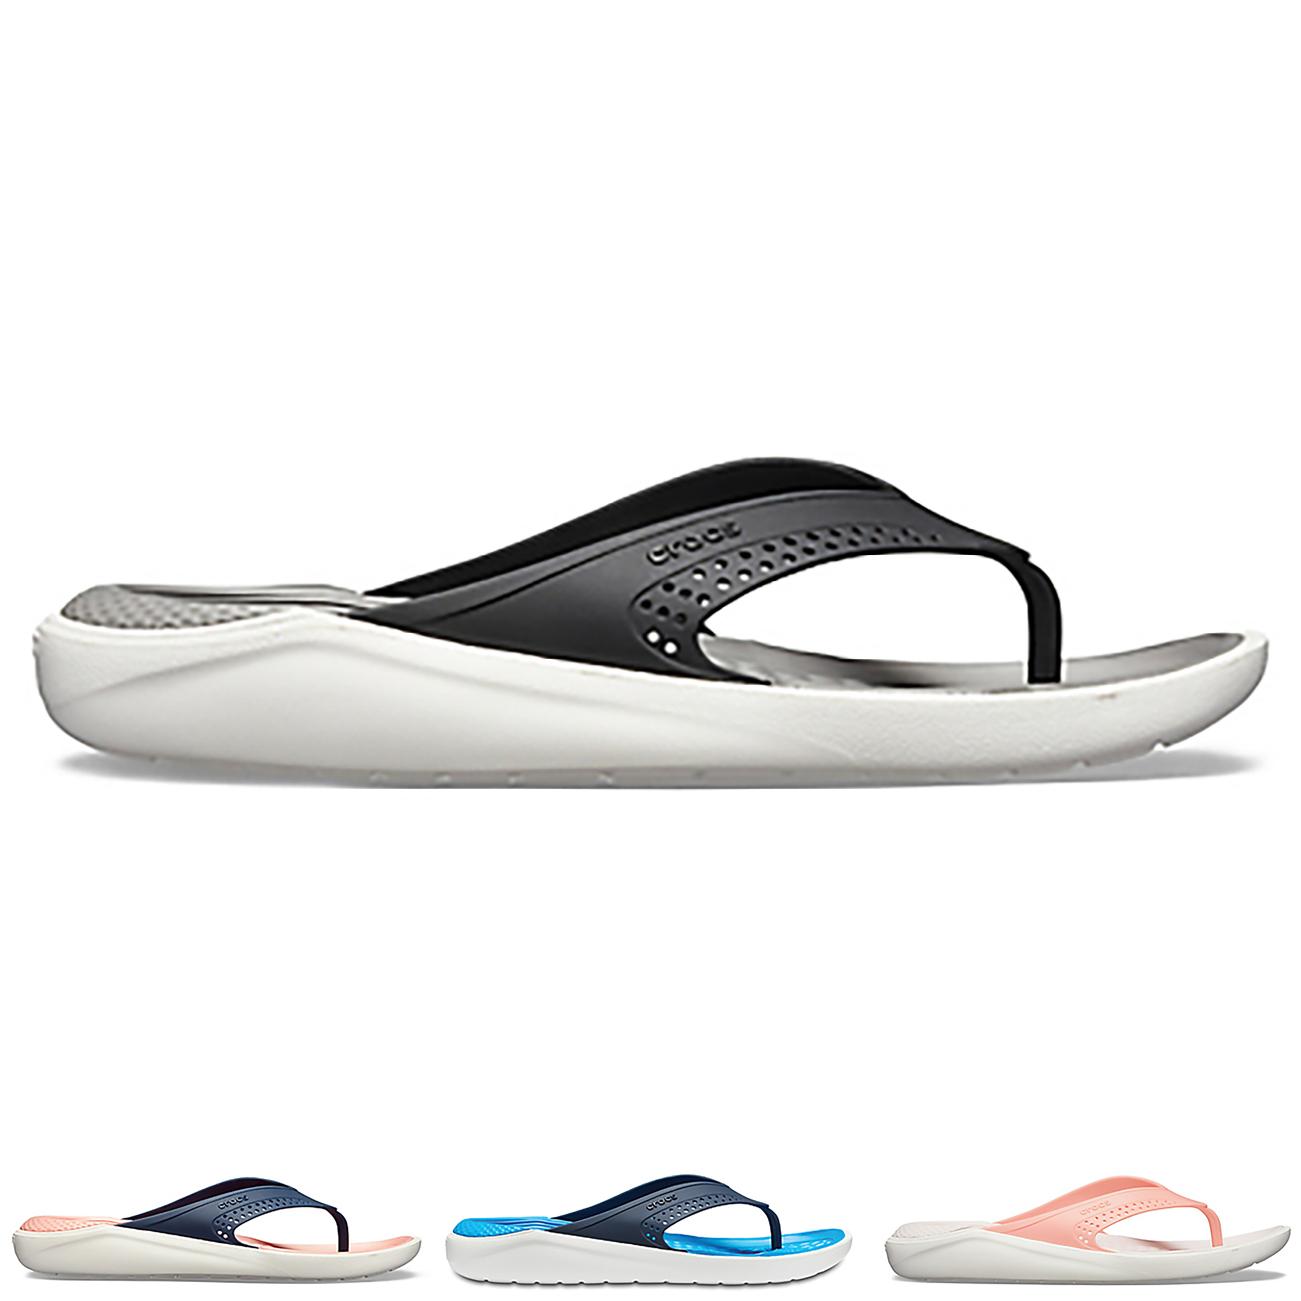 Unisex Adults Crocs LiteRide Flip Beach Lightweight Shower Flip Flops UK 3-16